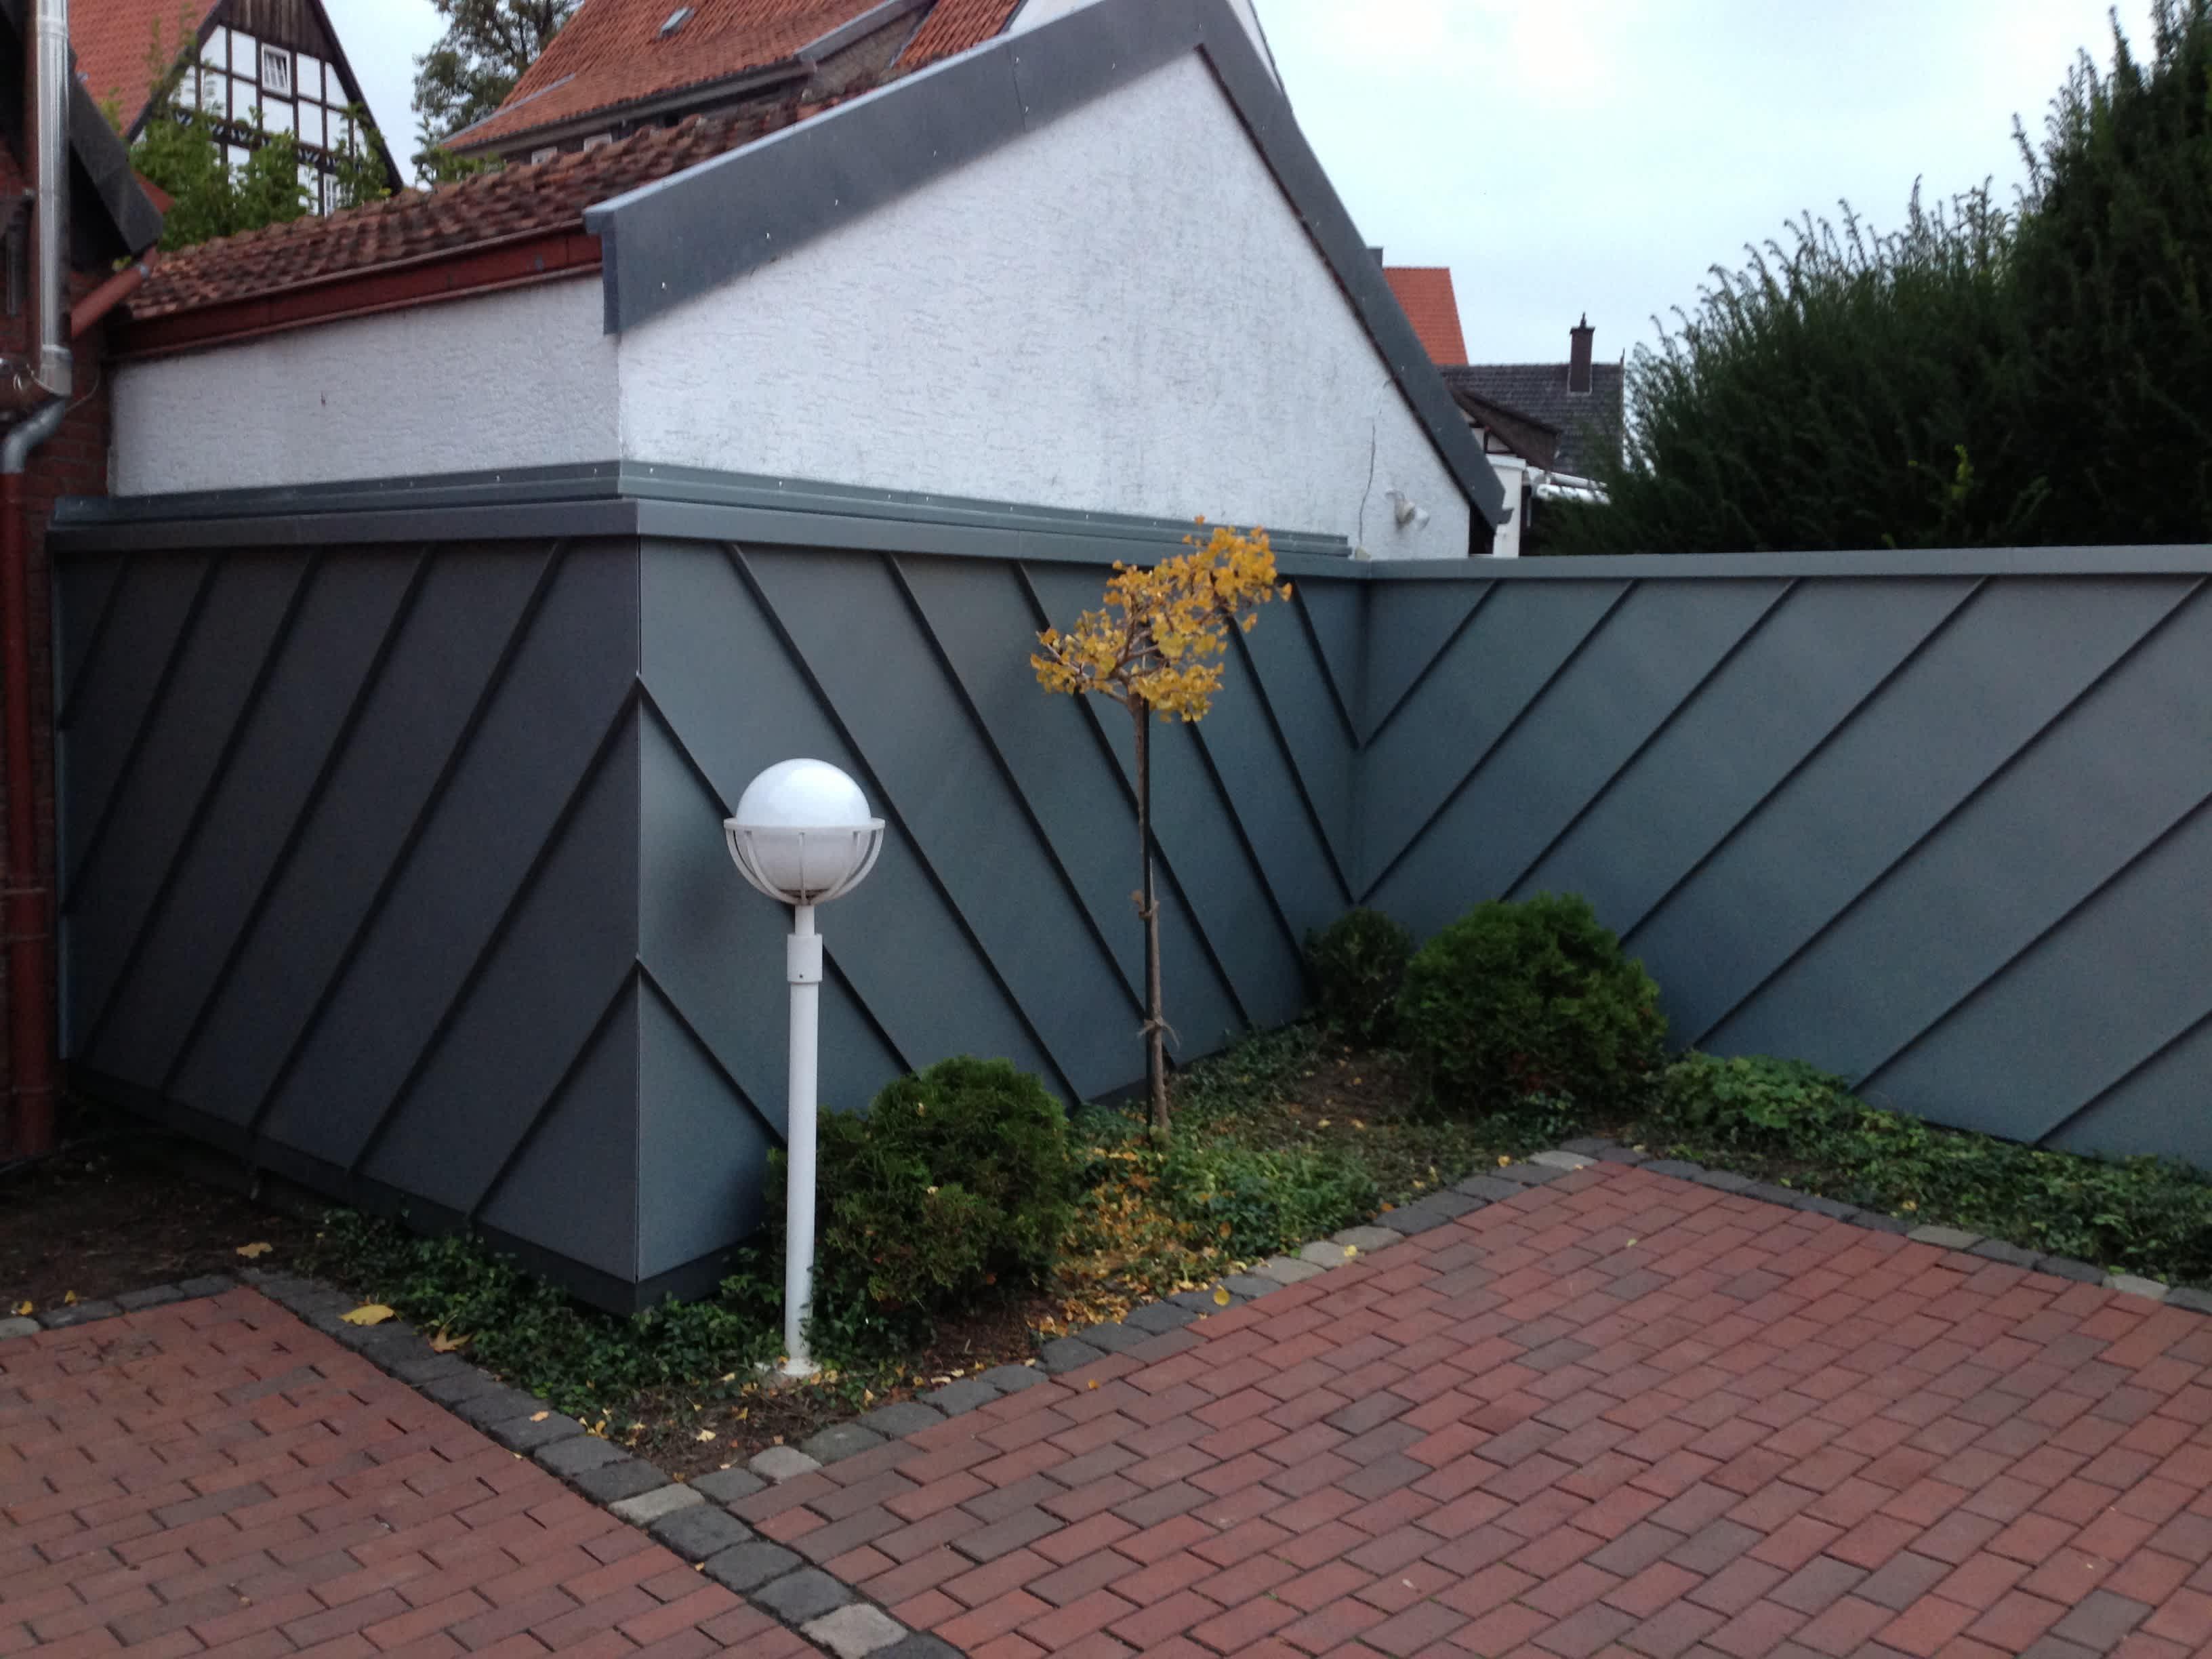 Klempnererarbeiten am Dach